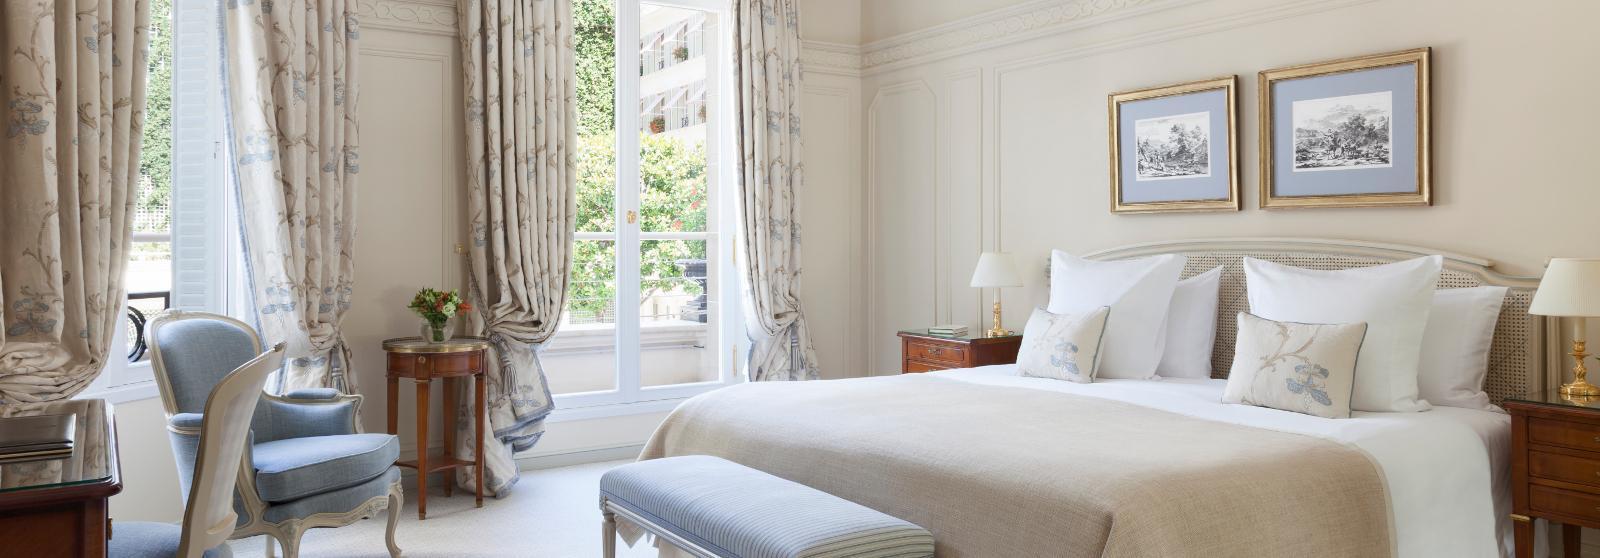 巴黎勒布里斯托酒店(Le Bristol Paris, Oetker Collection)【 巴黎,法国】 酒店  www.lhw.cn